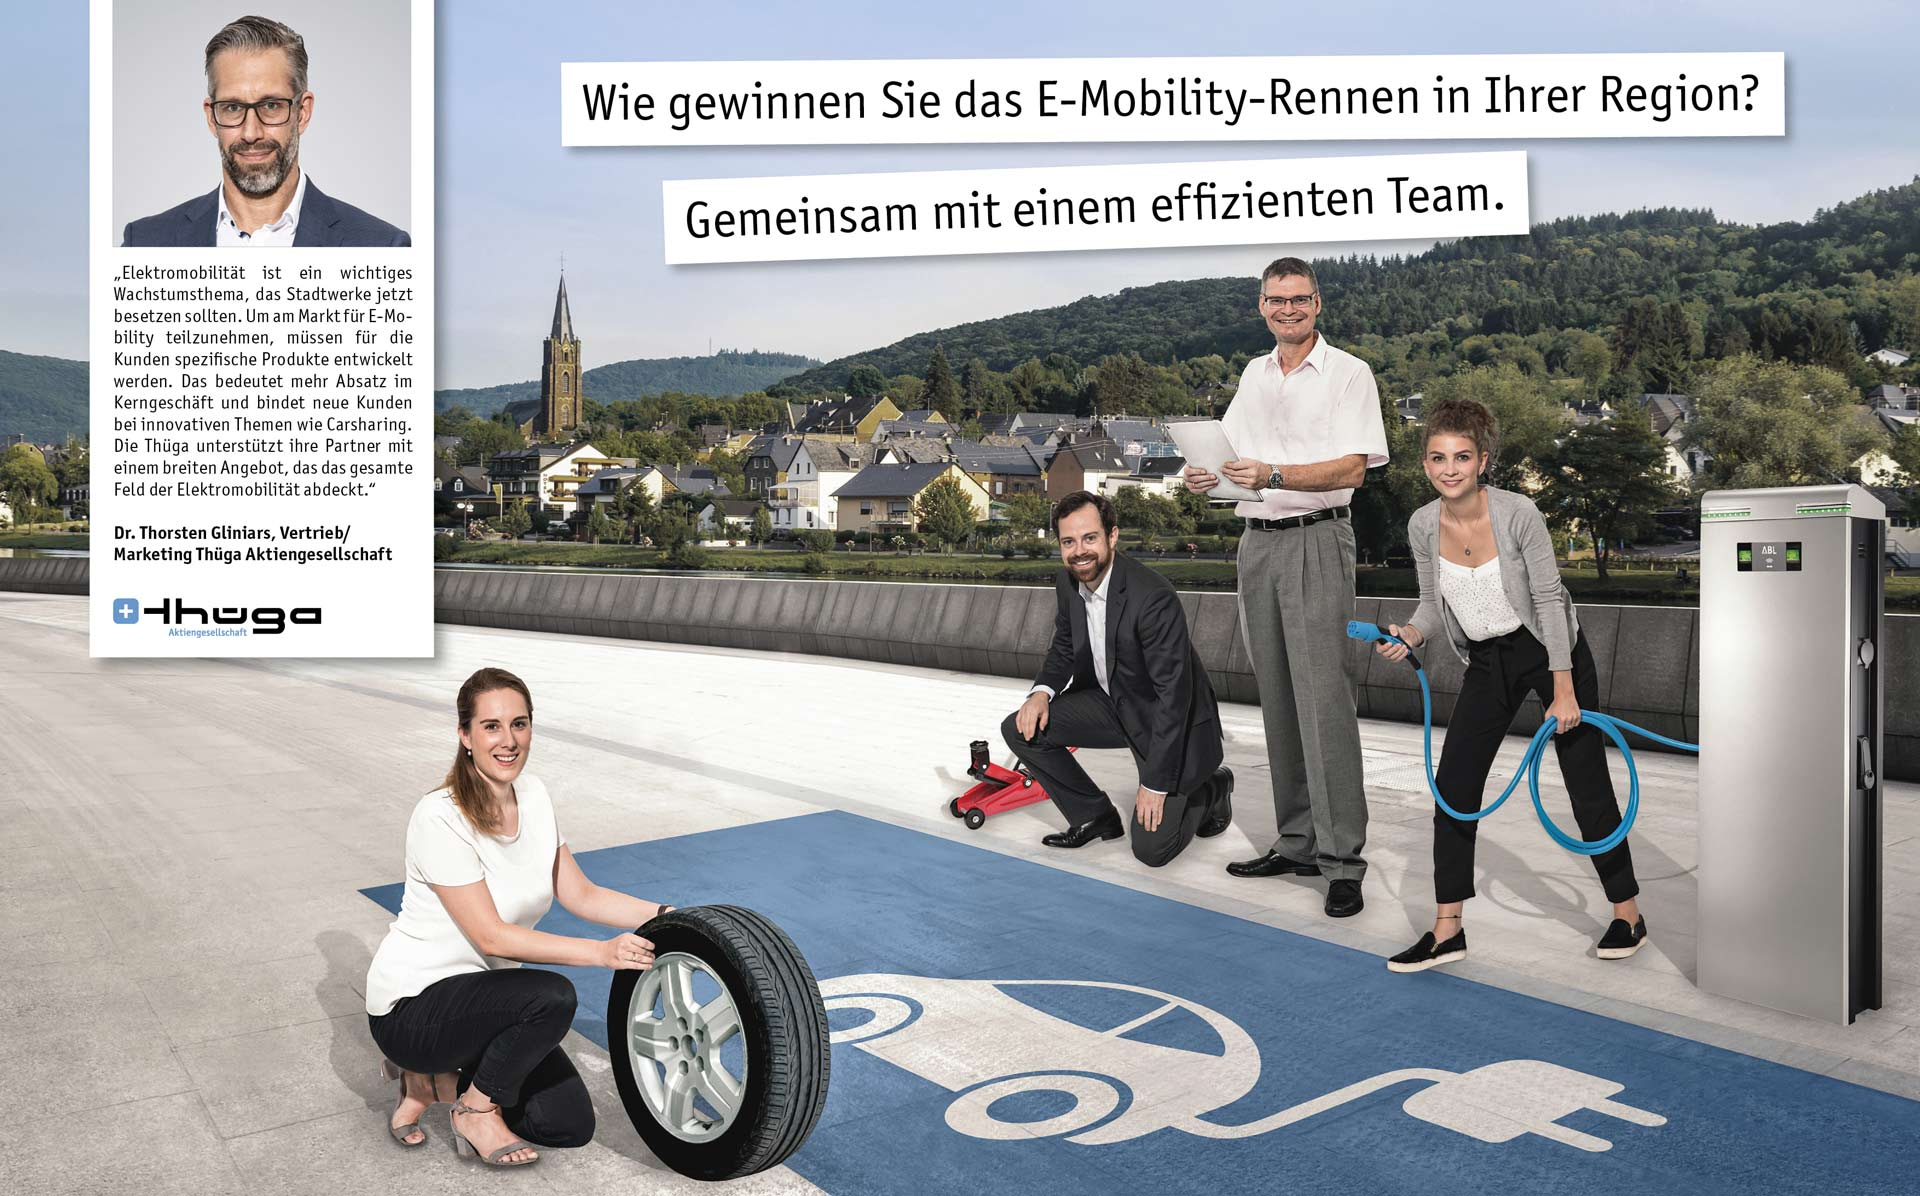 Wie gewinnen Sie das E-Mobility-Rennen in Ihrer Region? Gemeinsam mit einem effizienten Team.